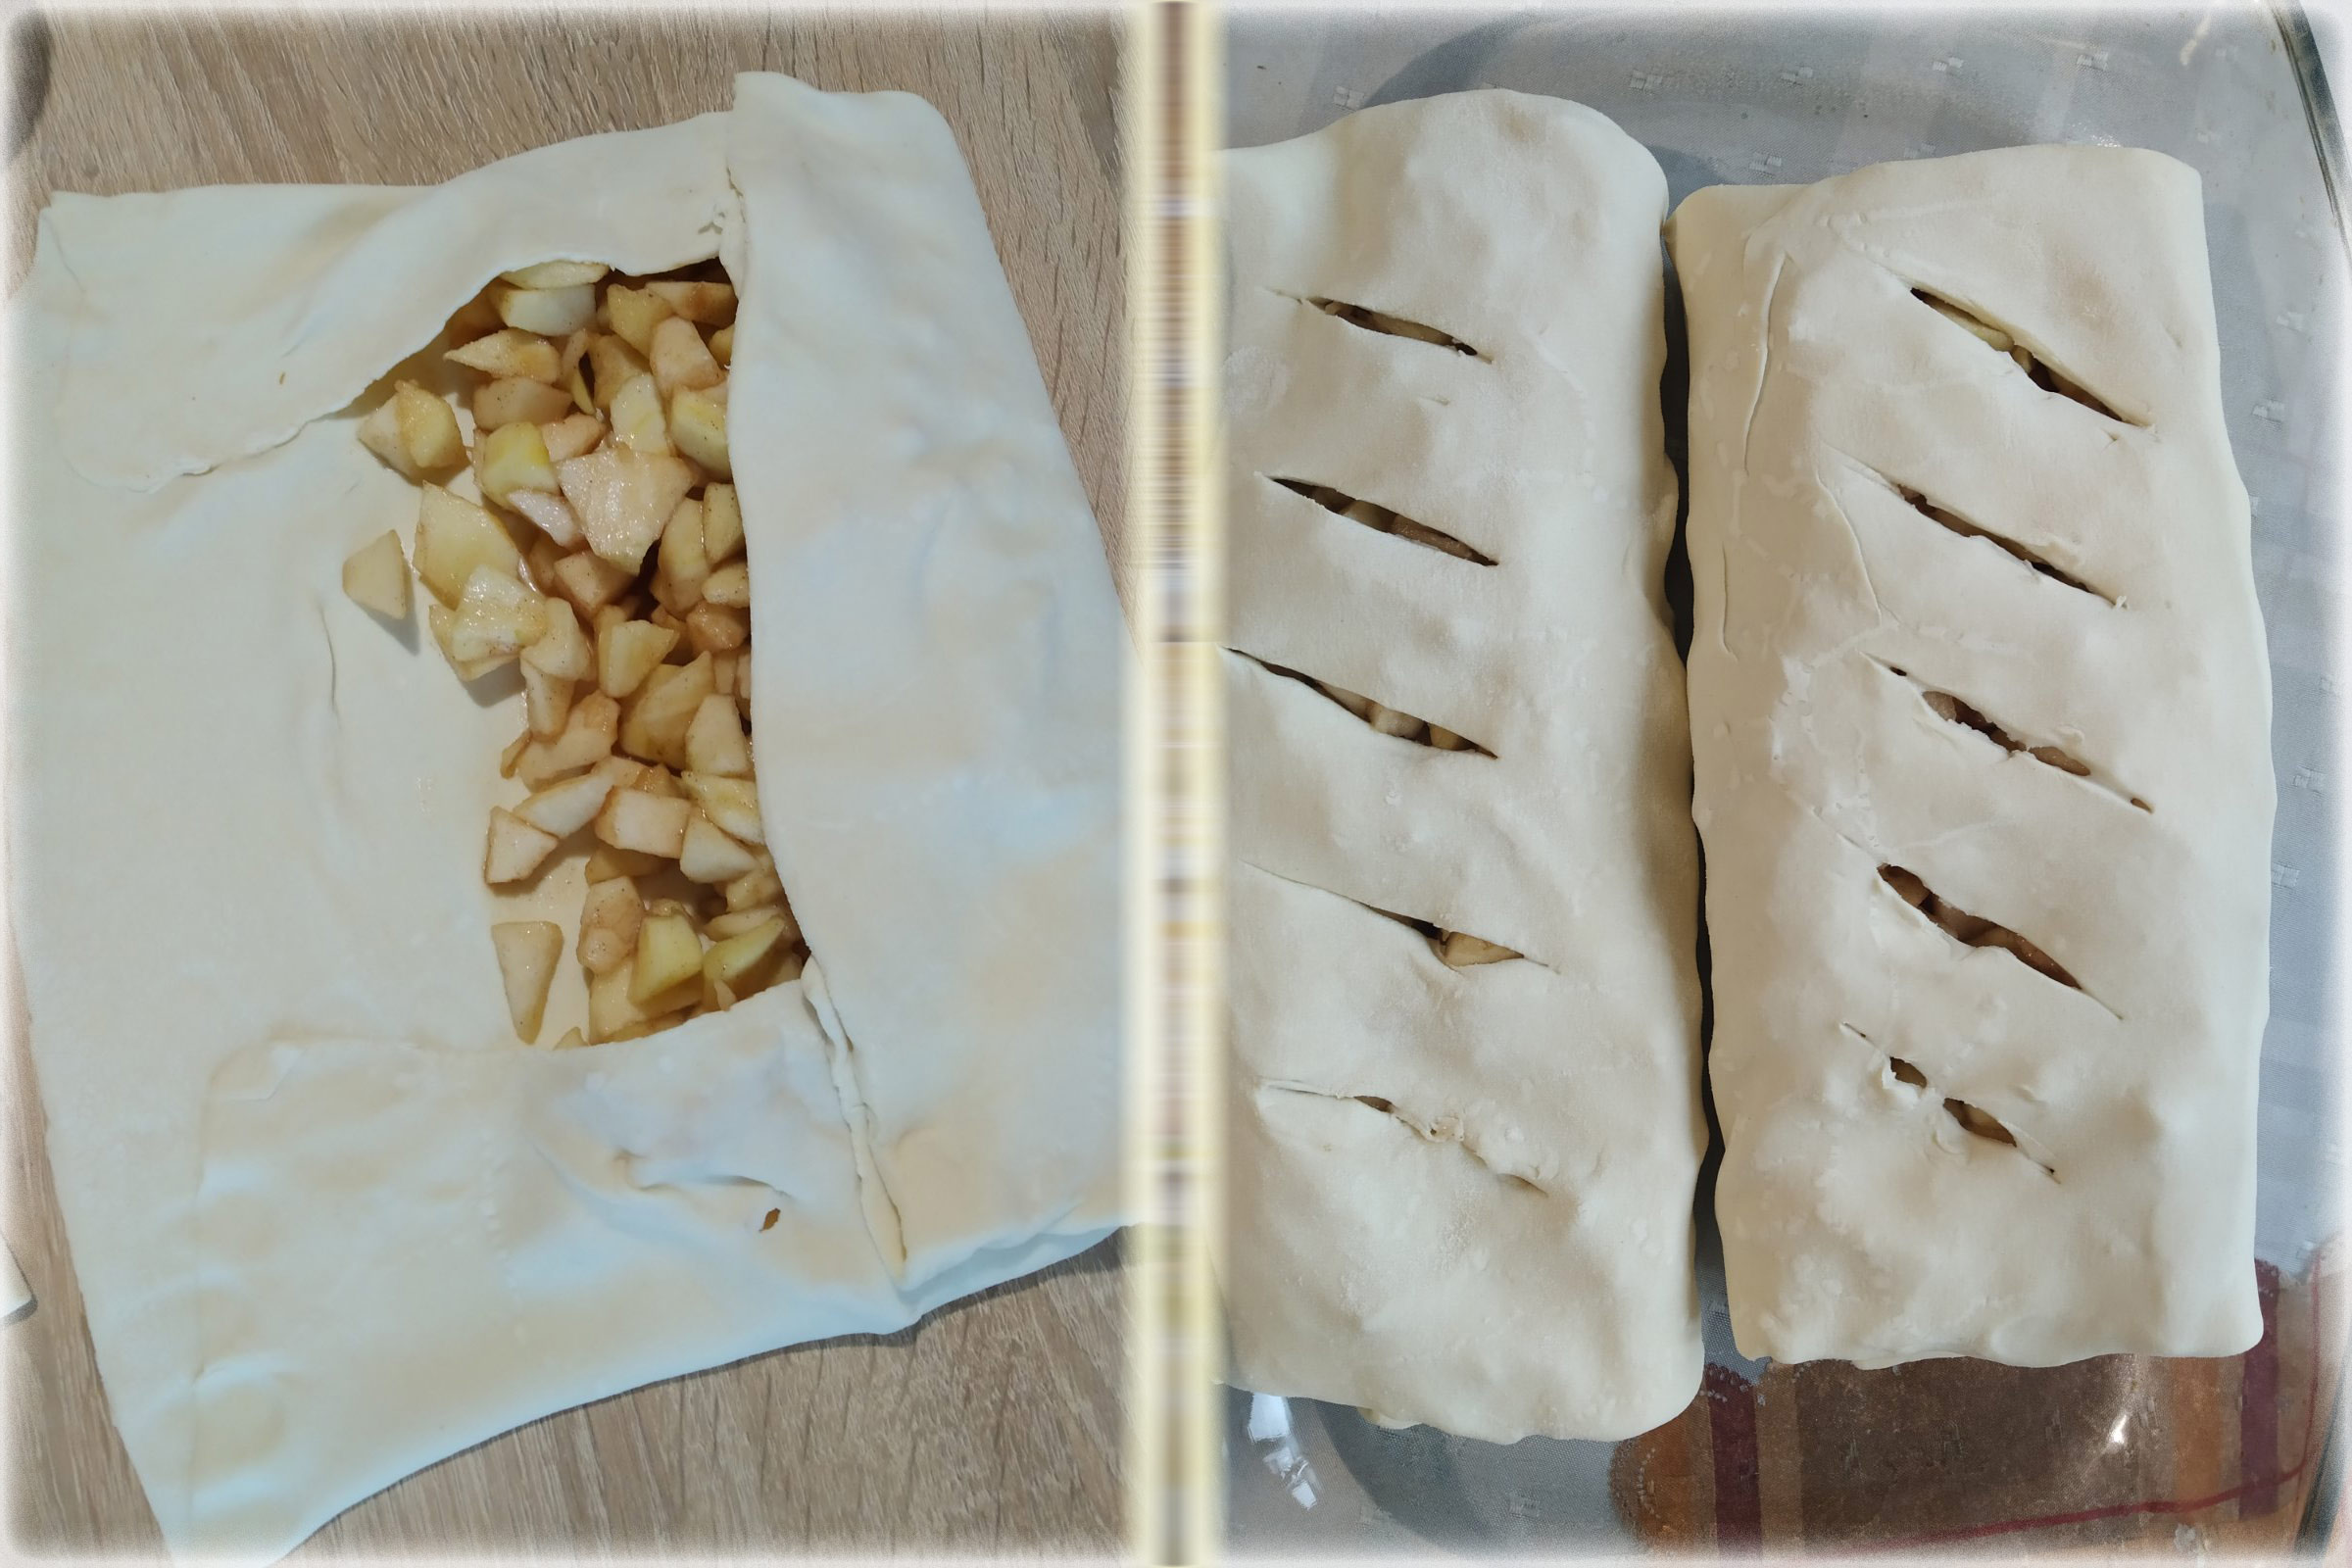 укладка начинки в готовое слоеное тесто для штруделя